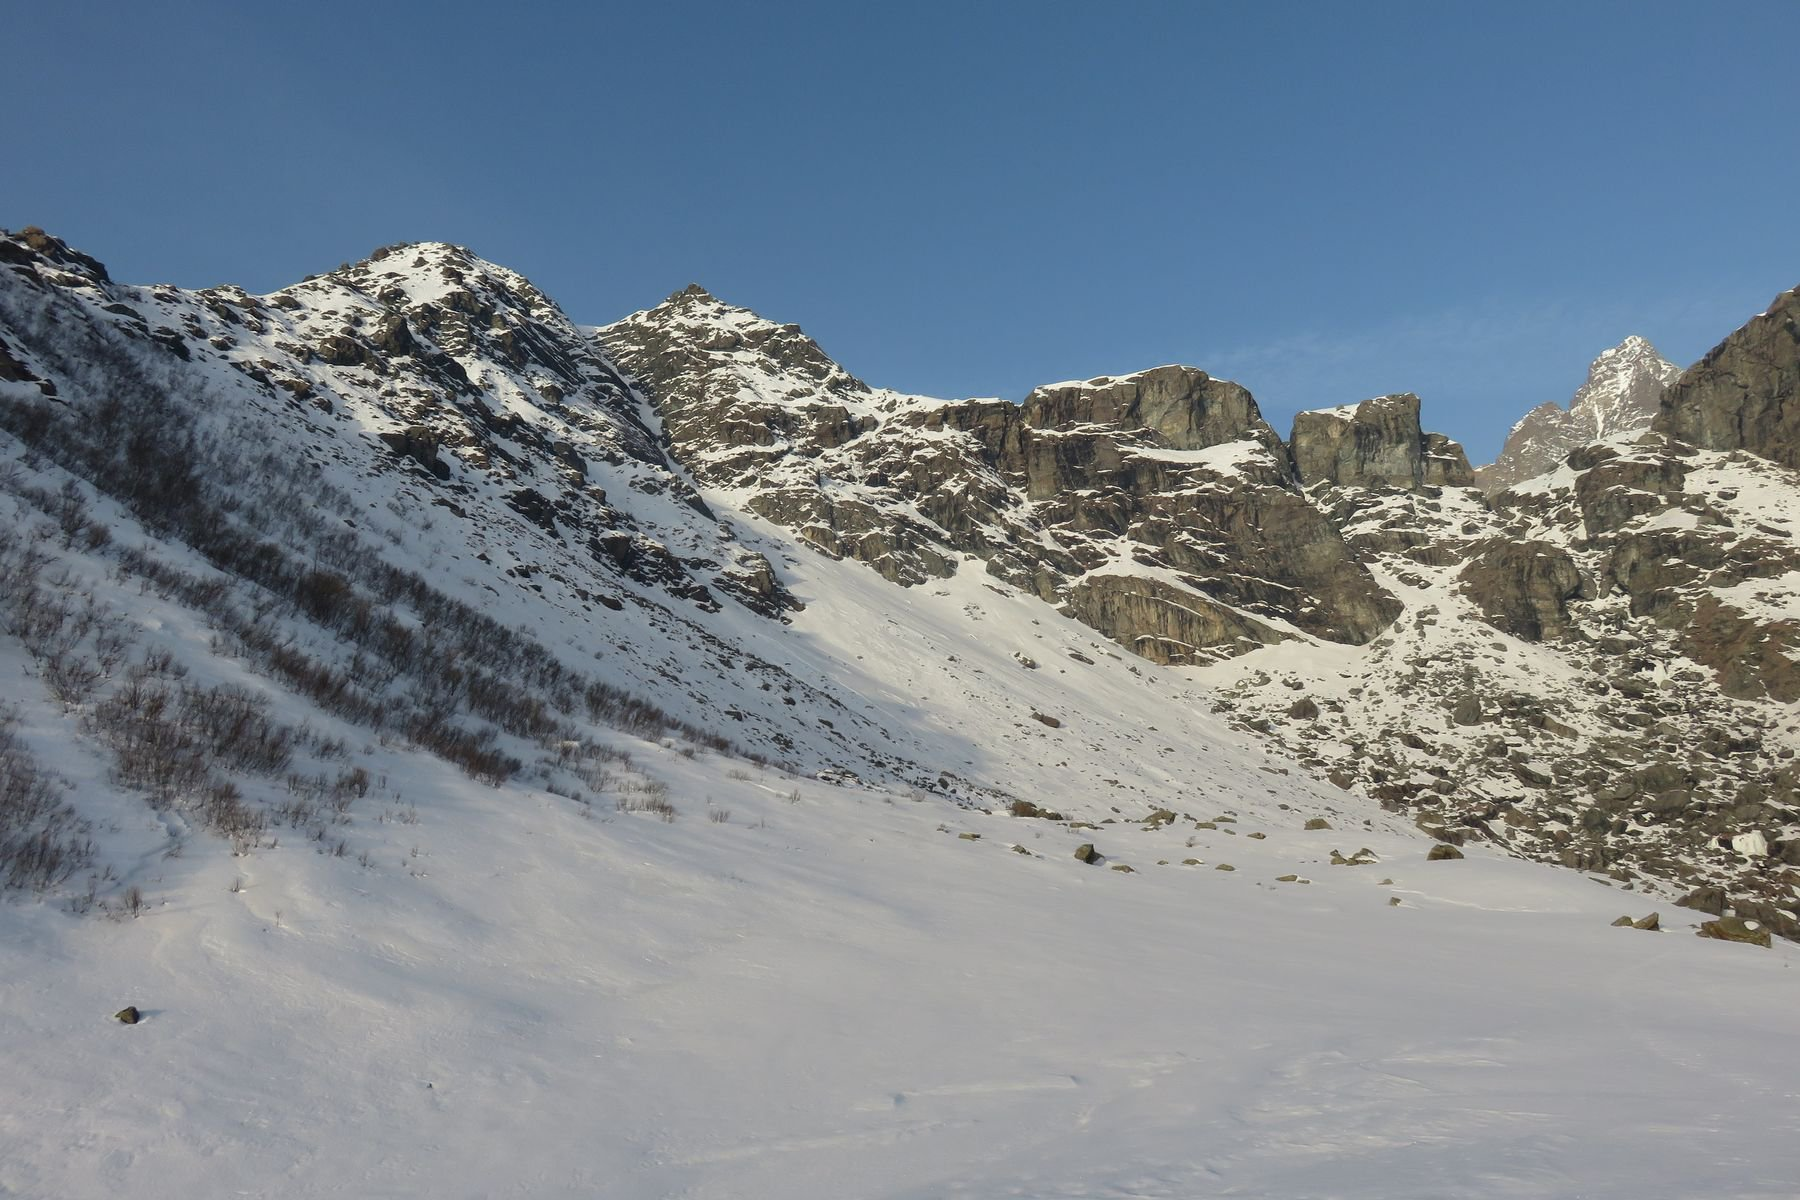 entrando nel vallone dell'Alpetto, la Testa Rossa sulla sx, il Monviso a dx sullo sfondo